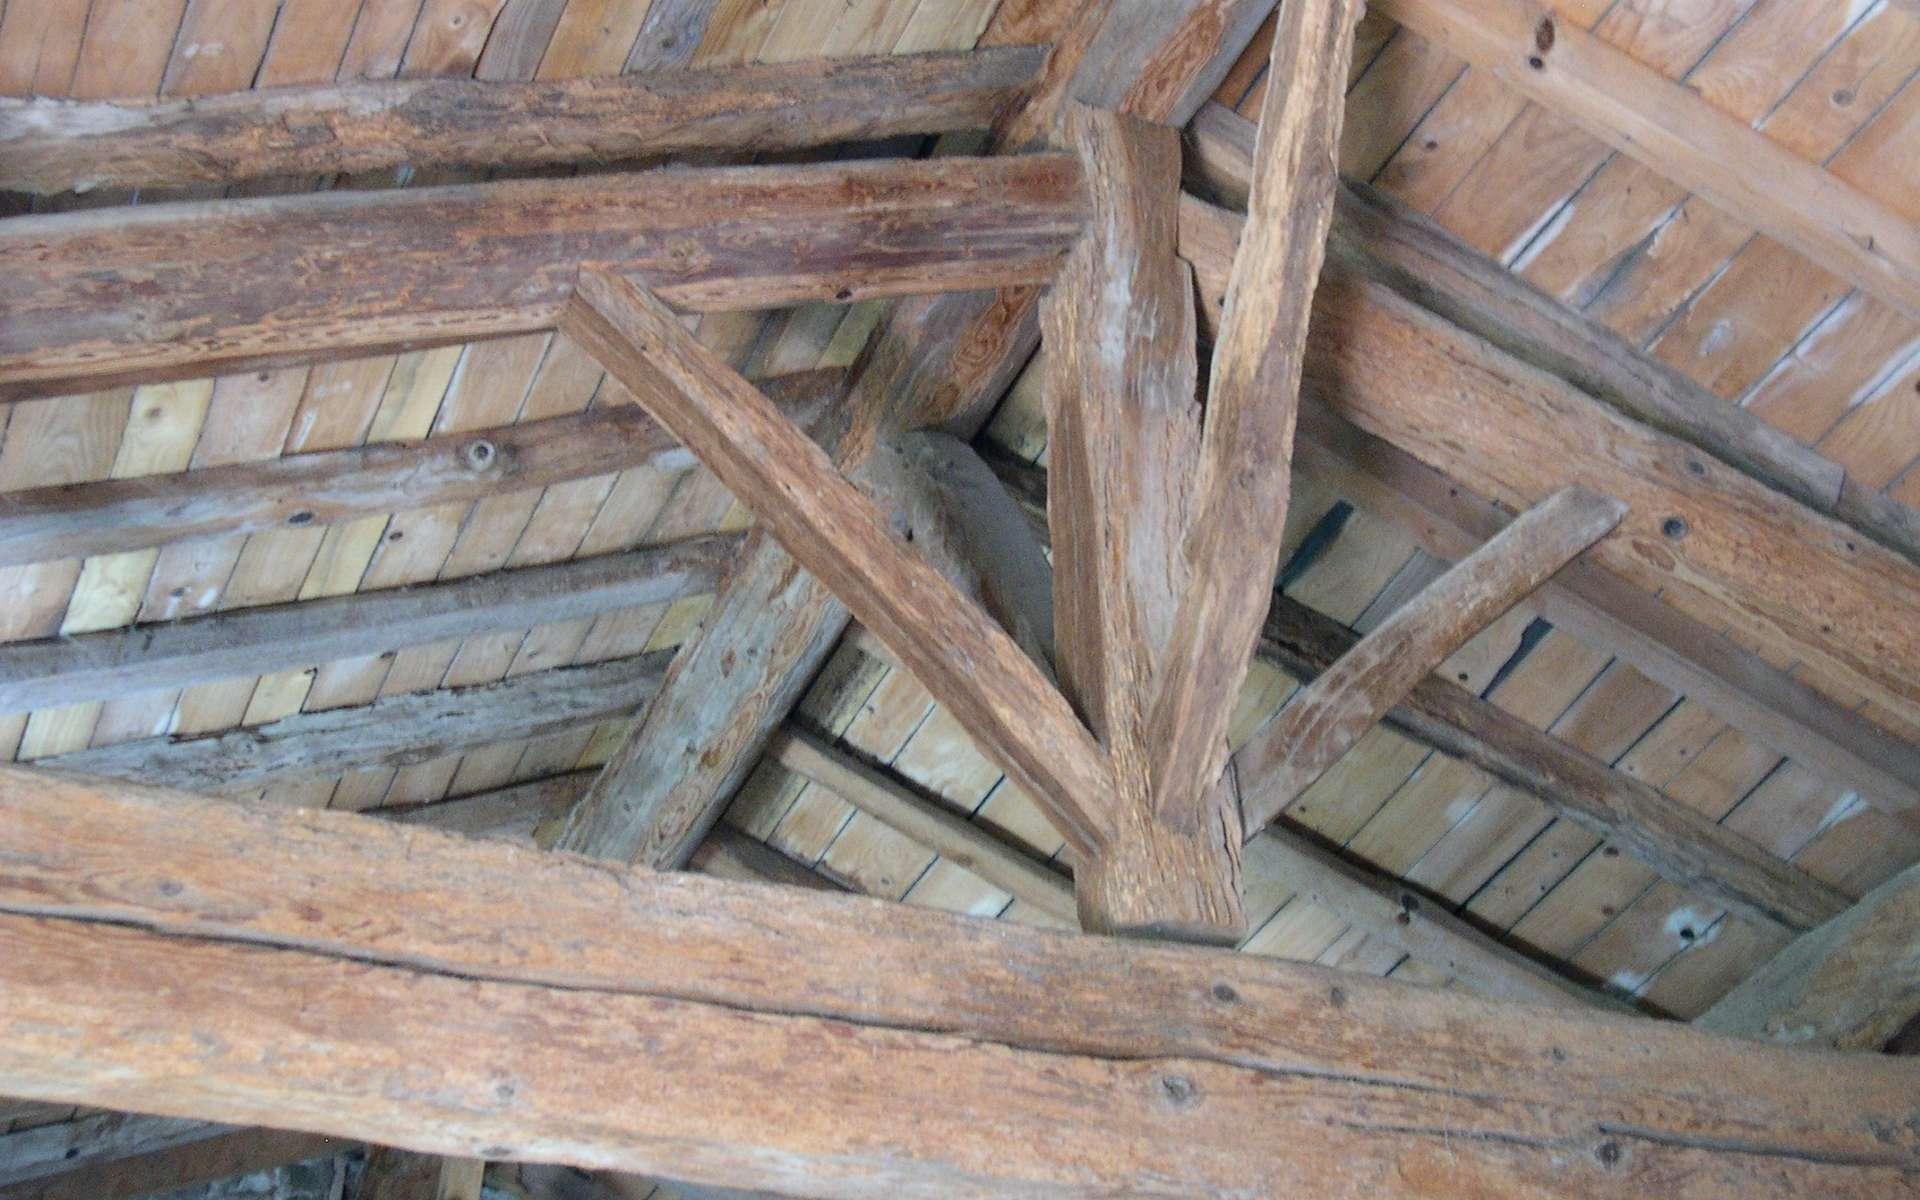 La charpente en bois traditionnelle offre l'avantage de pouvoir ultérieurement aménager les combles. © Alno, CC BY-SA 3.0, Wikimedia Commons